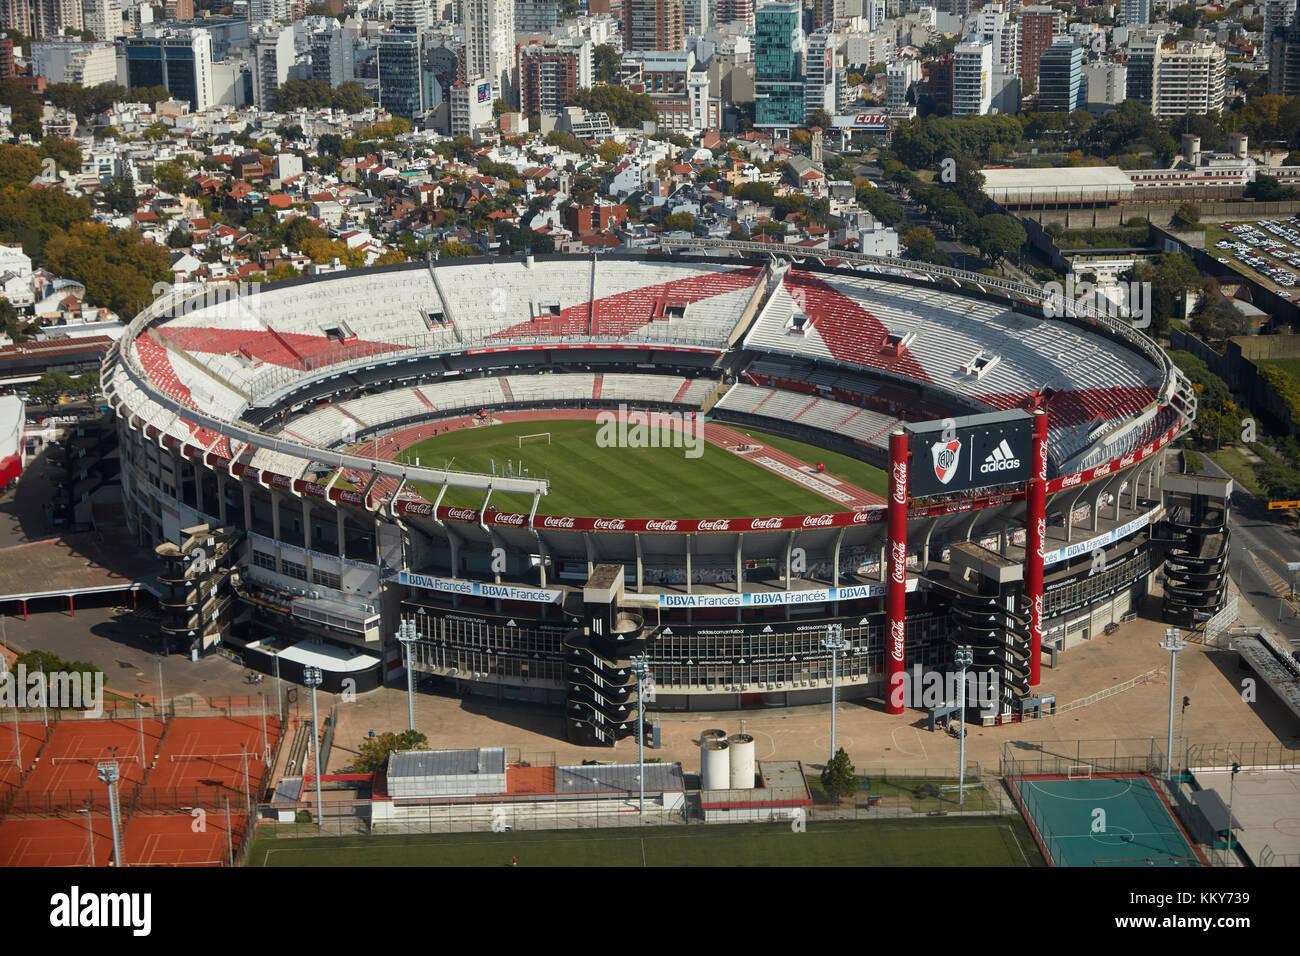 Estadio Antonio Vespucio Liberti (River Plate Stadium), Buenos Aires, Argentina, South America - aerial Stock Photo